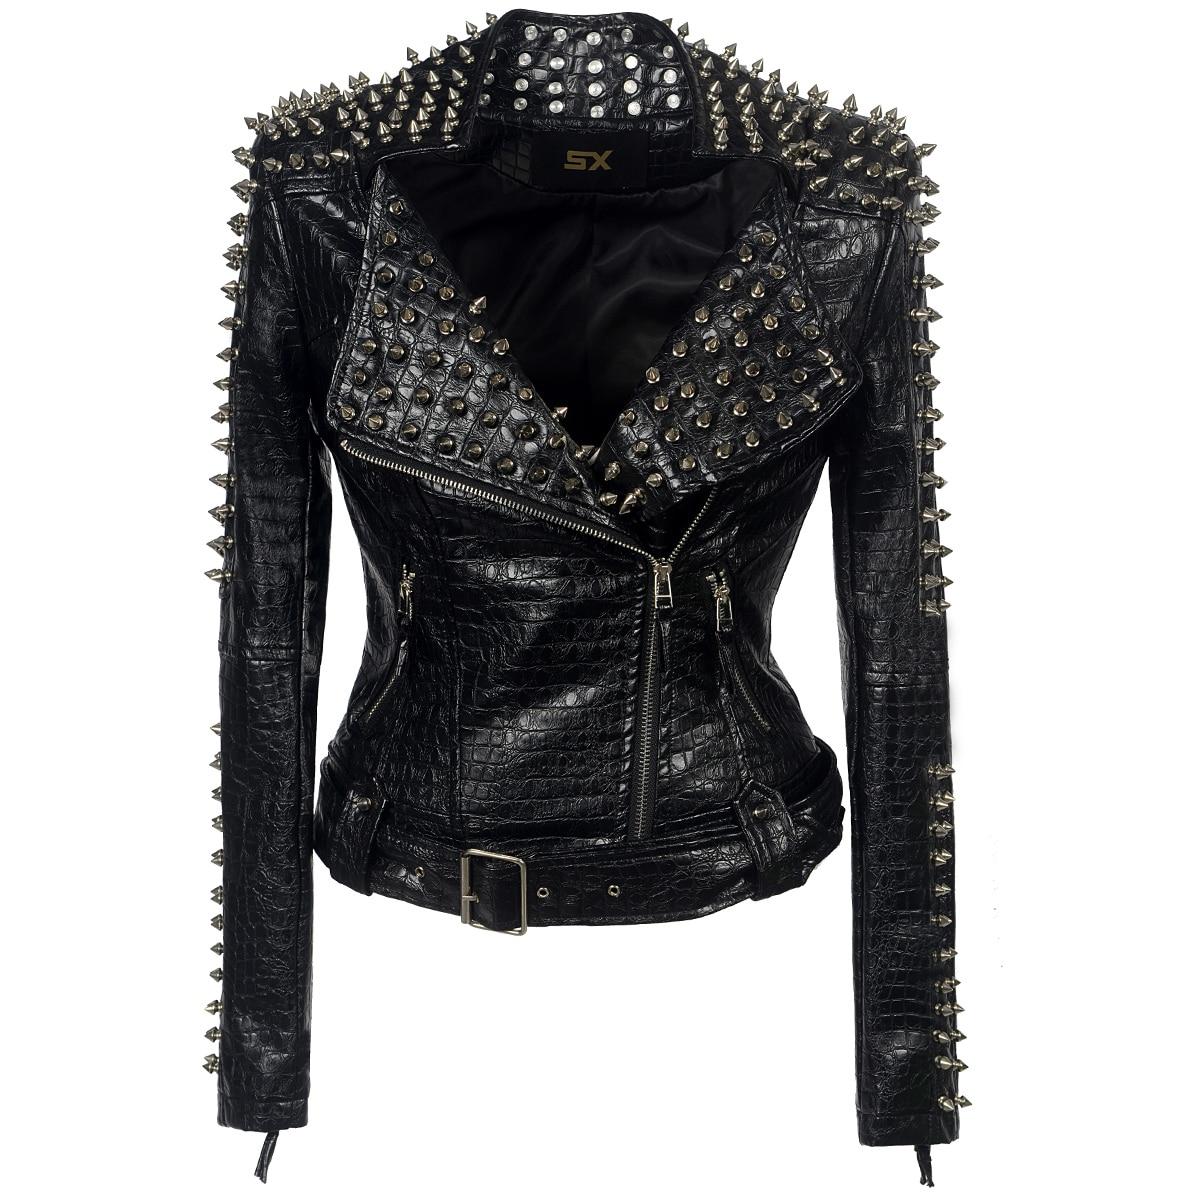 Imitación de cuero PU chaqueta Punk remache mujer moda invierno AutumnMotorcycle chaqueta de imitación de cuero negro abrigo Punk